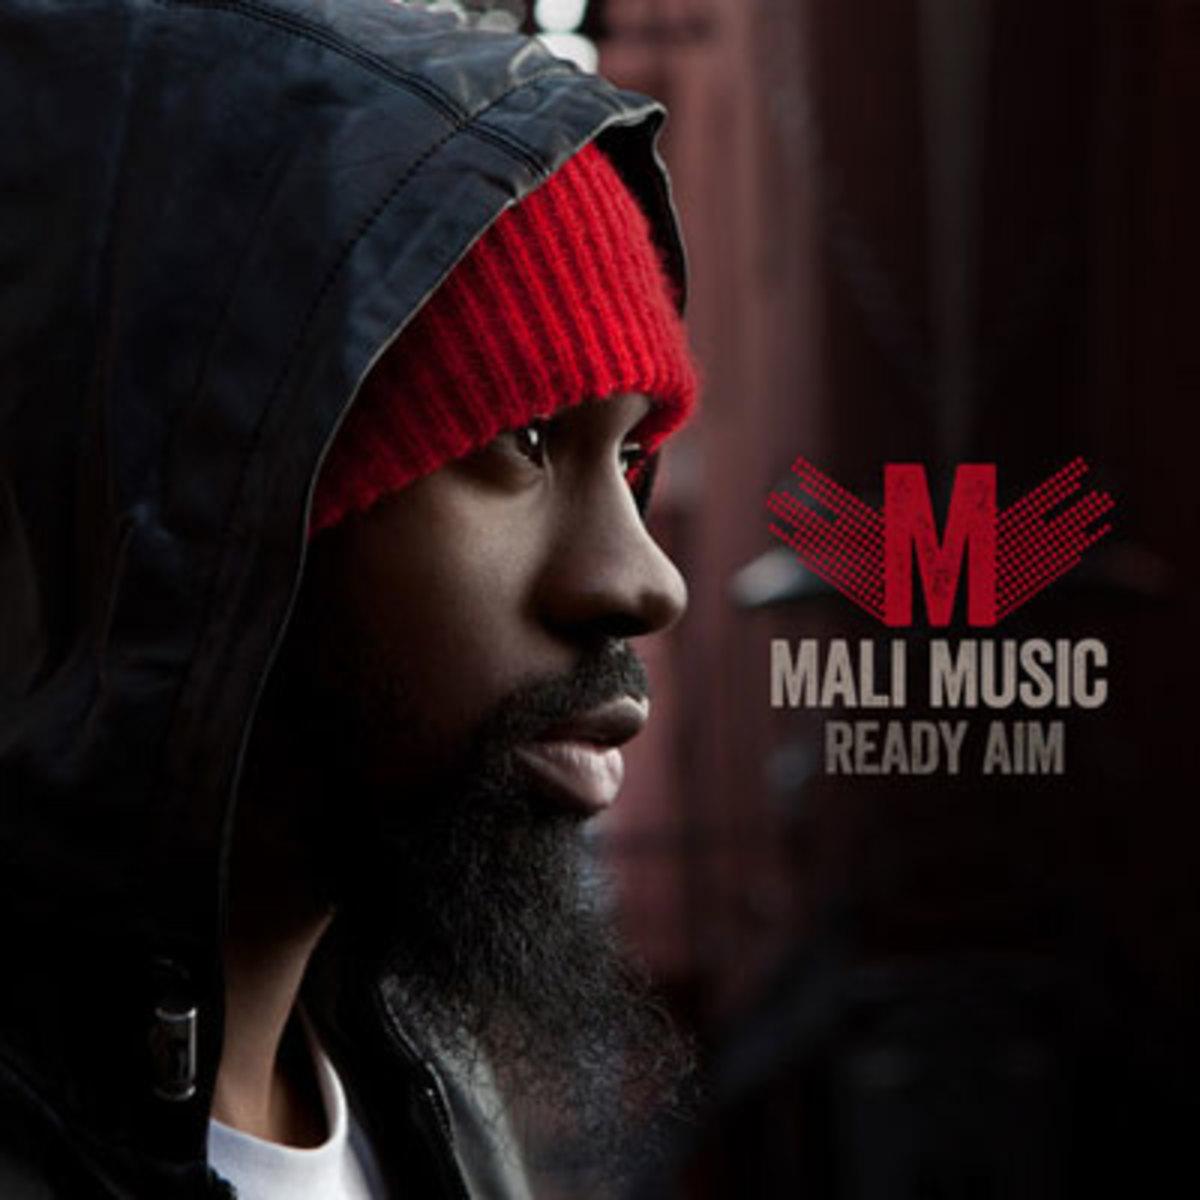 malimusic-readyaim.jpg